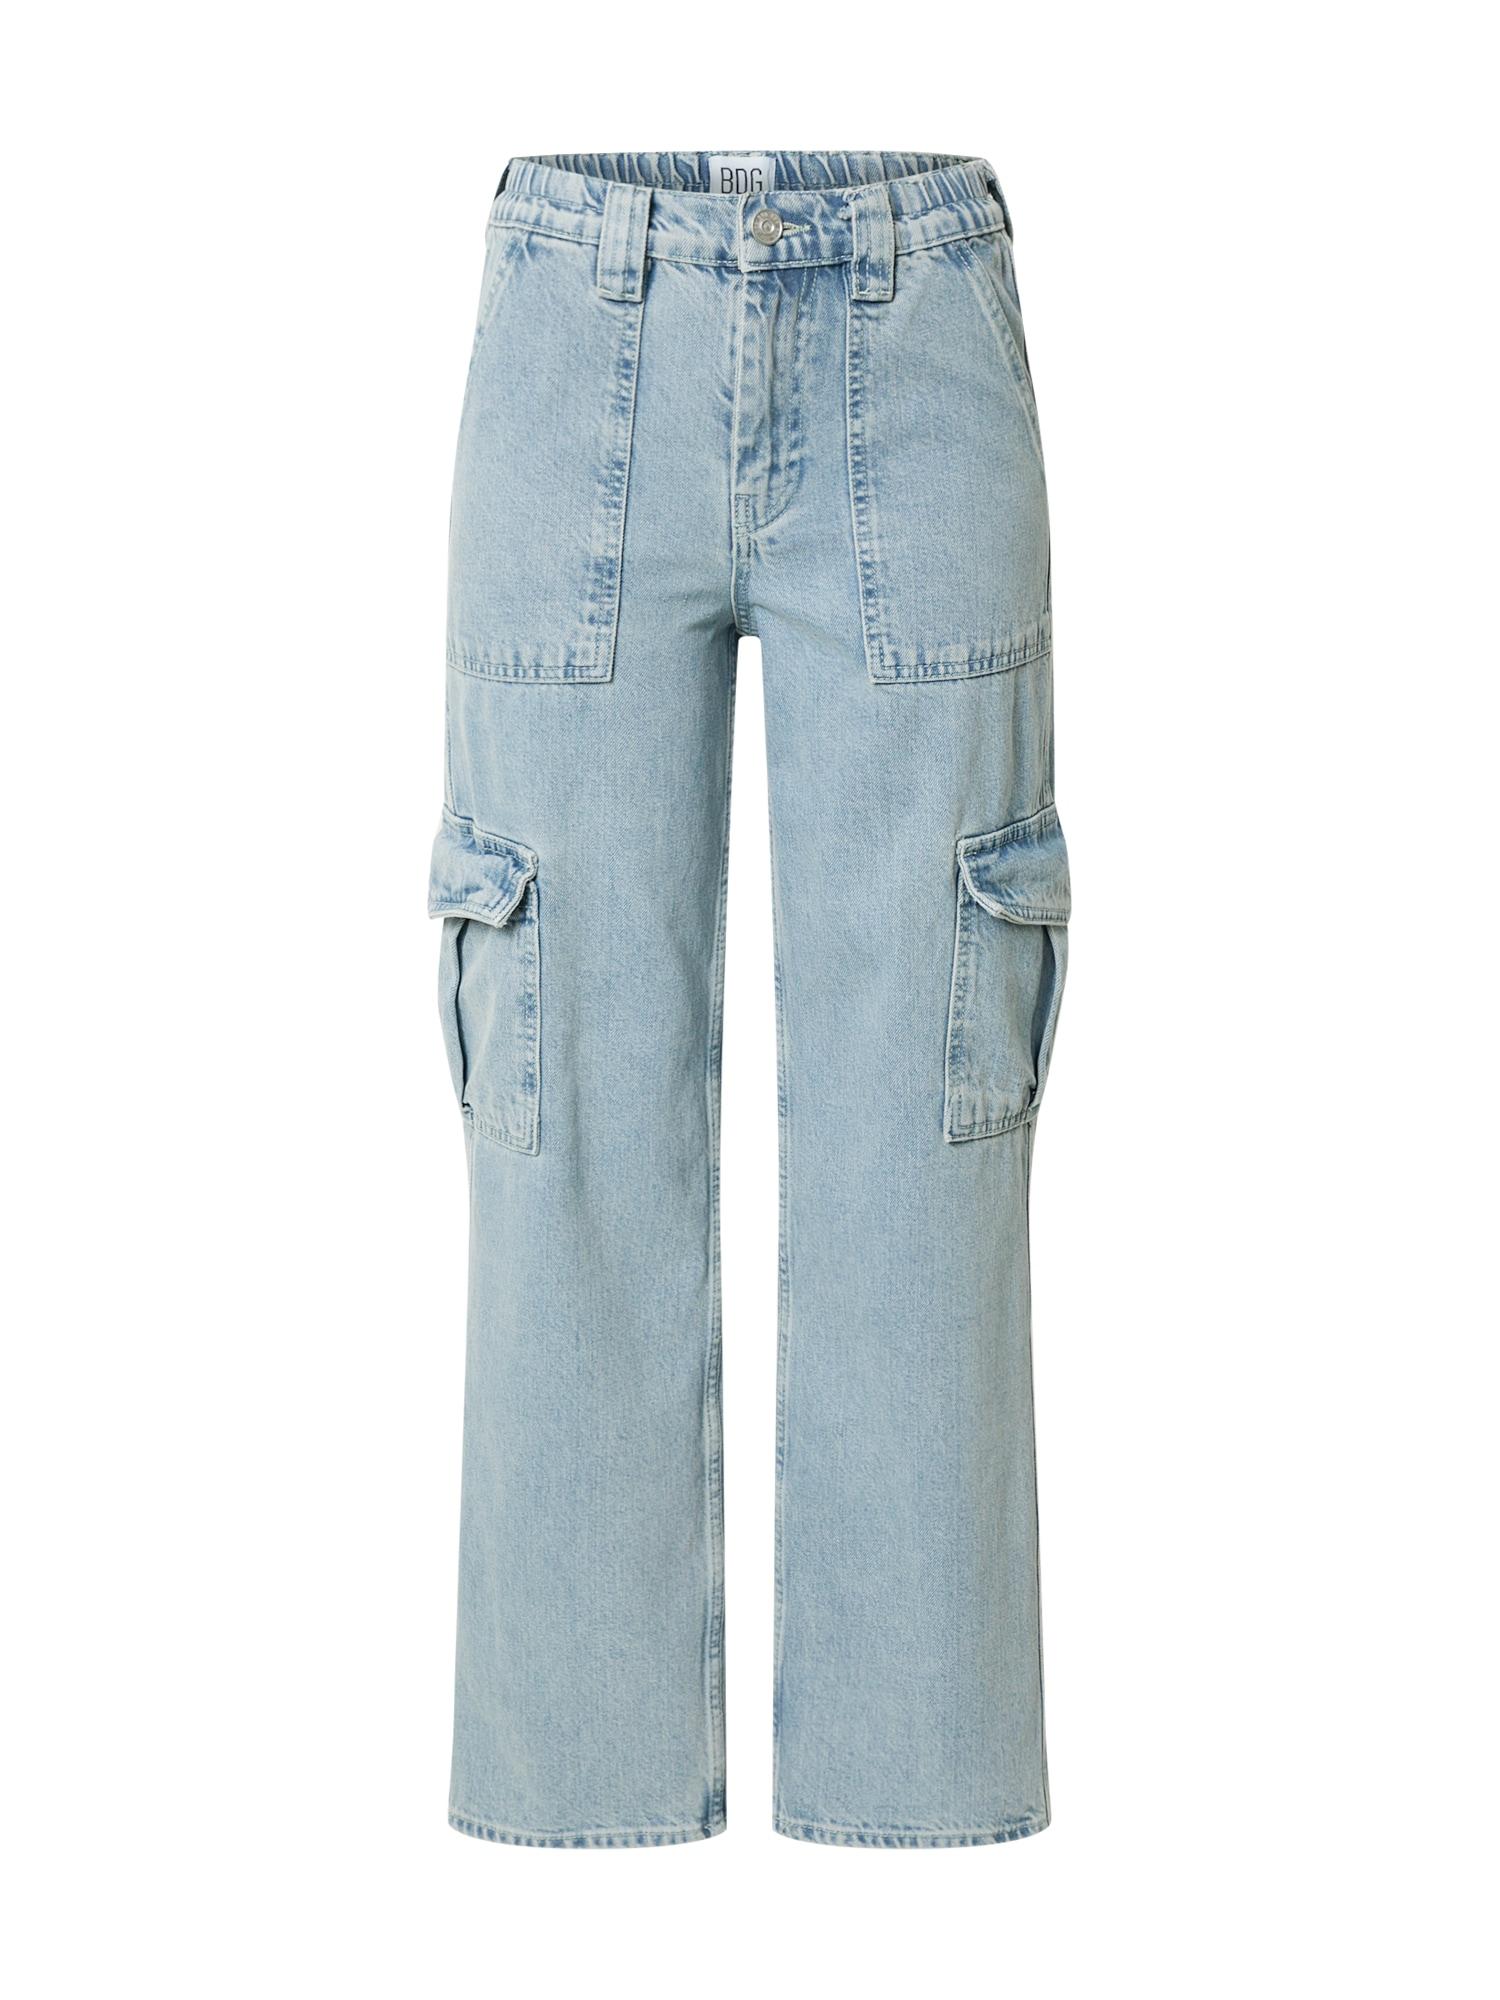 BDG Urban Outfitters Darbinio stiliaus džinsai tamsiai (džinso) mėlyna